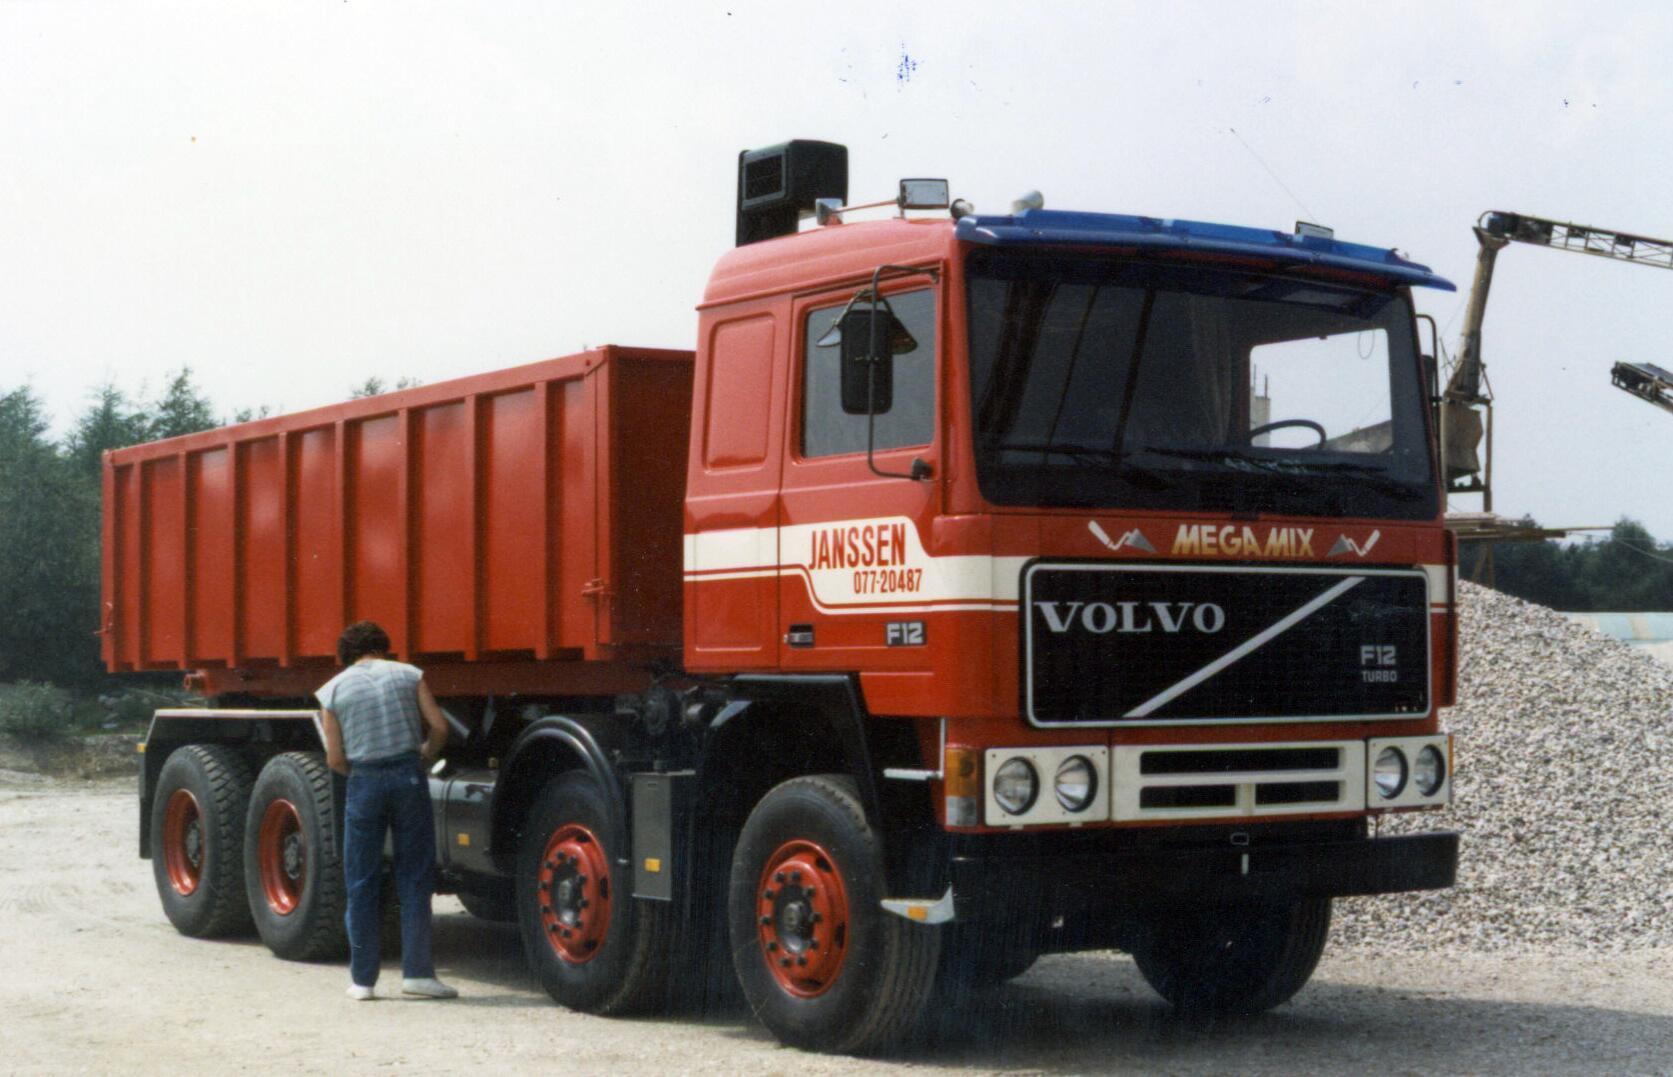 Volvo-de-eerste-van-Nederland-8X4-1984-chauffeur-Gerrit-Rievers---Math-Keijsers-archief